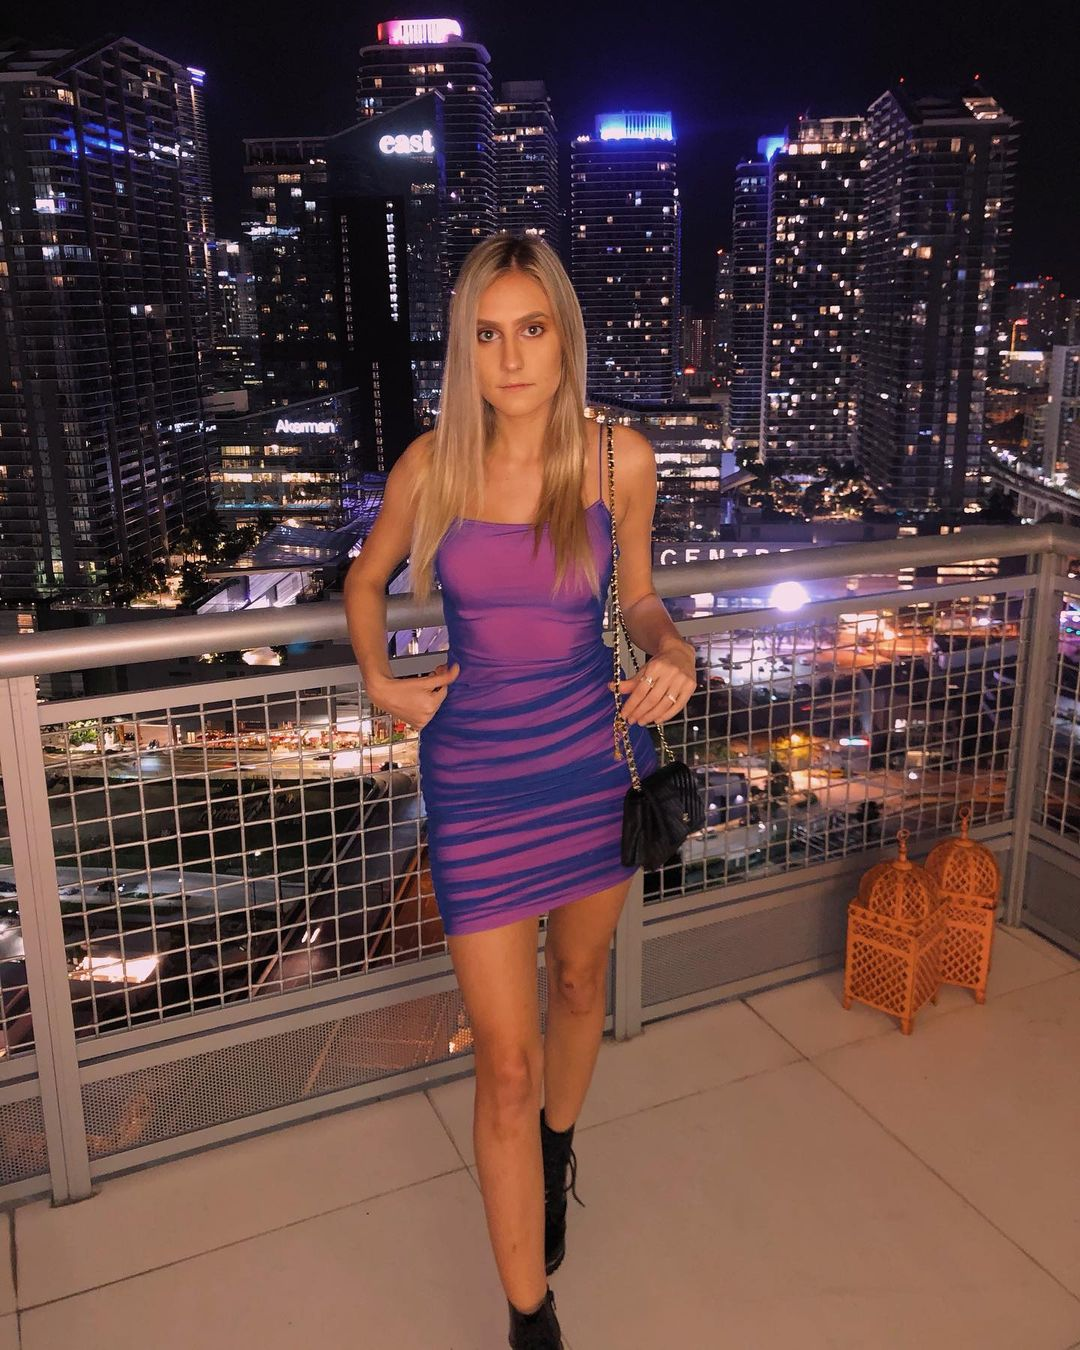 Lauren-Angelov-Wallpapers-Insta-Fit-Bio-6